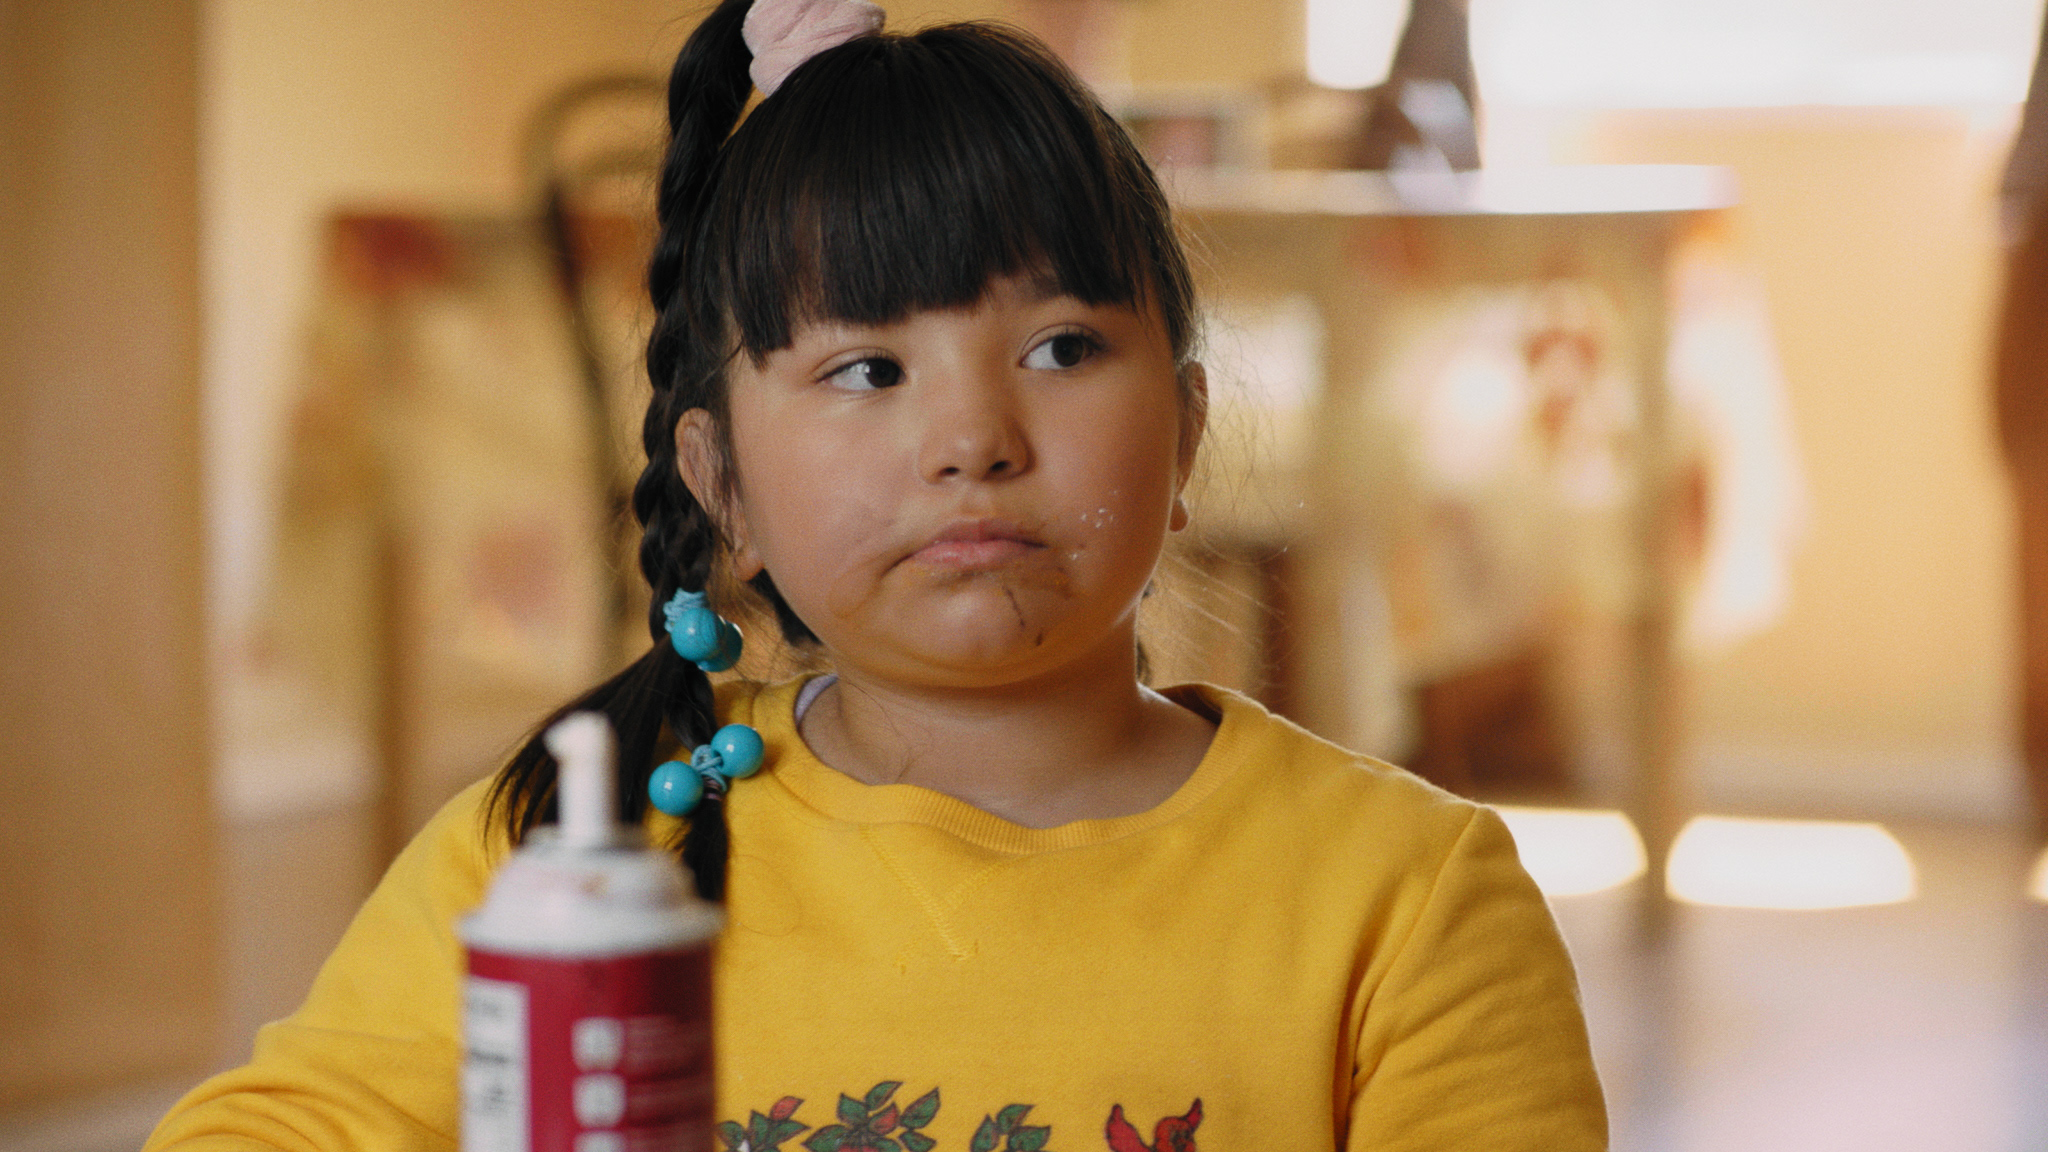 Gabriela Garcia Medina's Short Film 'Little Con Lili' Is Like a Cuban-American 'Matilda'